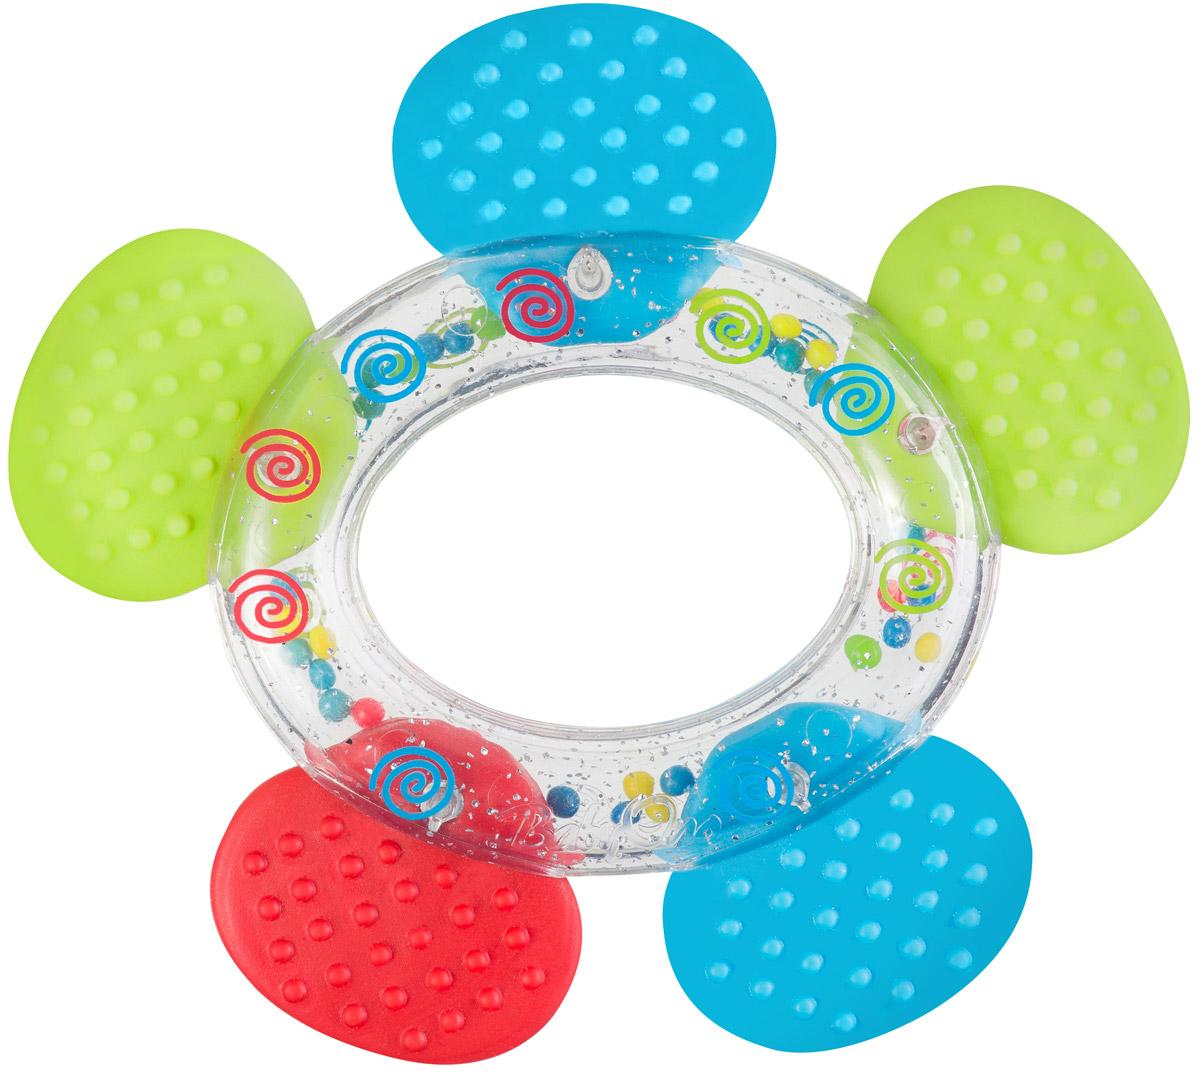 BabyOno Погремушка-прорезыватель Цветок1363Прорезыватель - одна из важных игрушек на этапе младенчества. Он помогает разрабатывать жевательные навыки и мимику. Погремушка-прорезыватель BabyOno Цветок - яркая и интересная игрушка, которая займет малютку на долгое время, а вам позволит отдохнуть. Центральная часть игрушки наполнена цветными шариками, которые весело шумят при встряхивании. Малыш с удовольствием будет исследовать новую форму, наслаждаясь красивыми цветами. Товар сертифицирован.